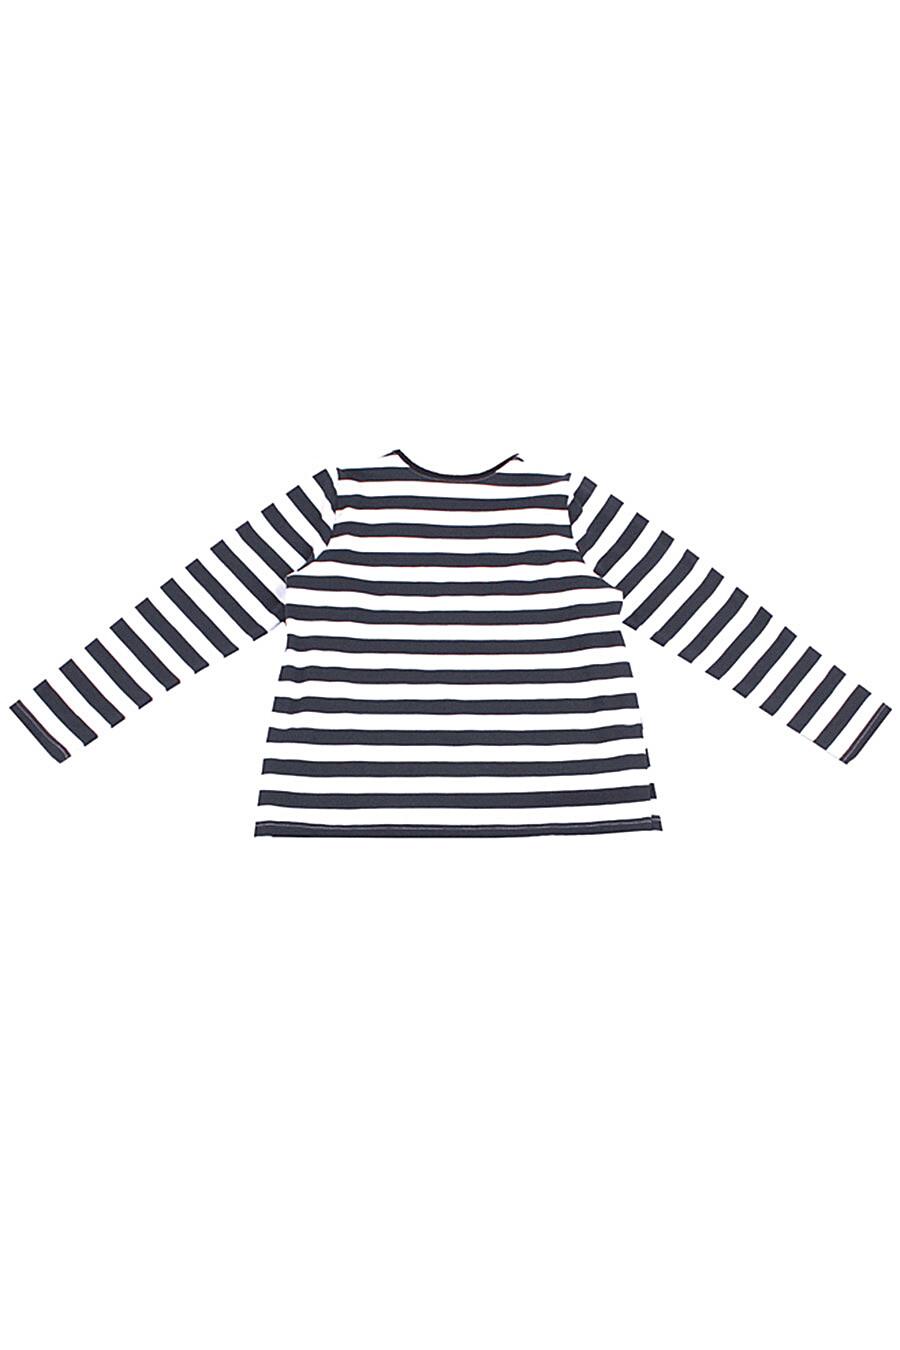 Джемпер для девочек Archi 130812 купить оптом от производителя. Совместная покупка детской одежды в OptMoyo